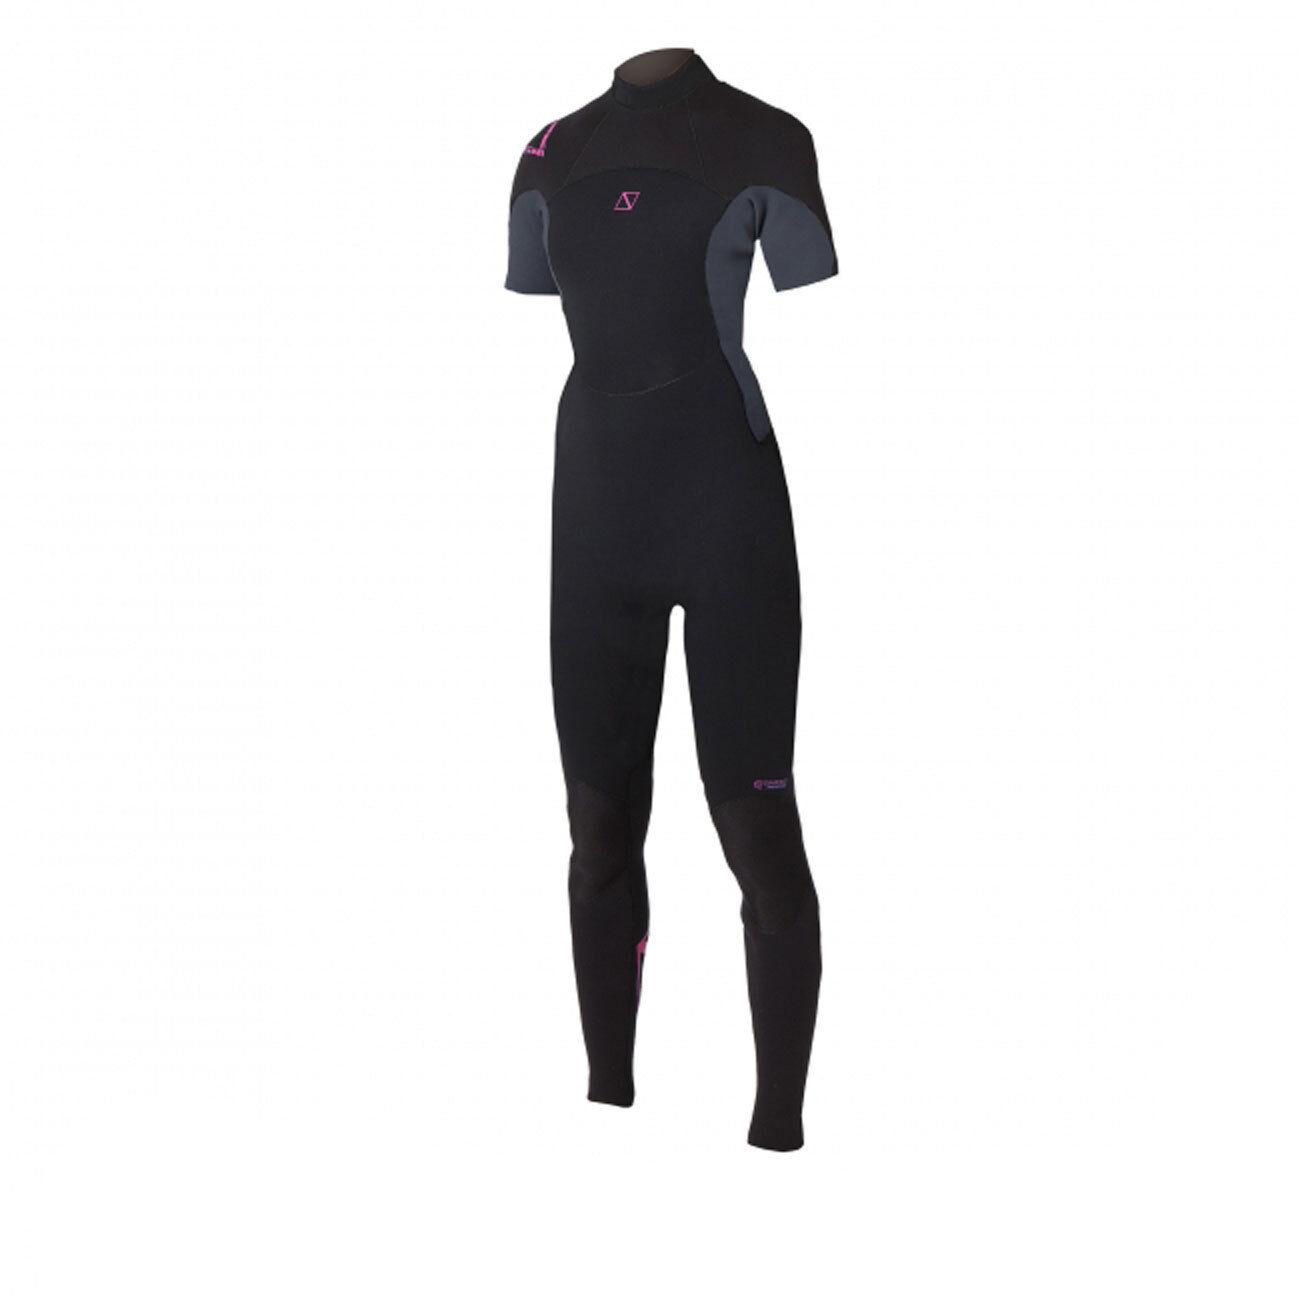 Magic Marine Ladies Wetsuit Surf Suit Sailing Suit Diving Suit Water Sports